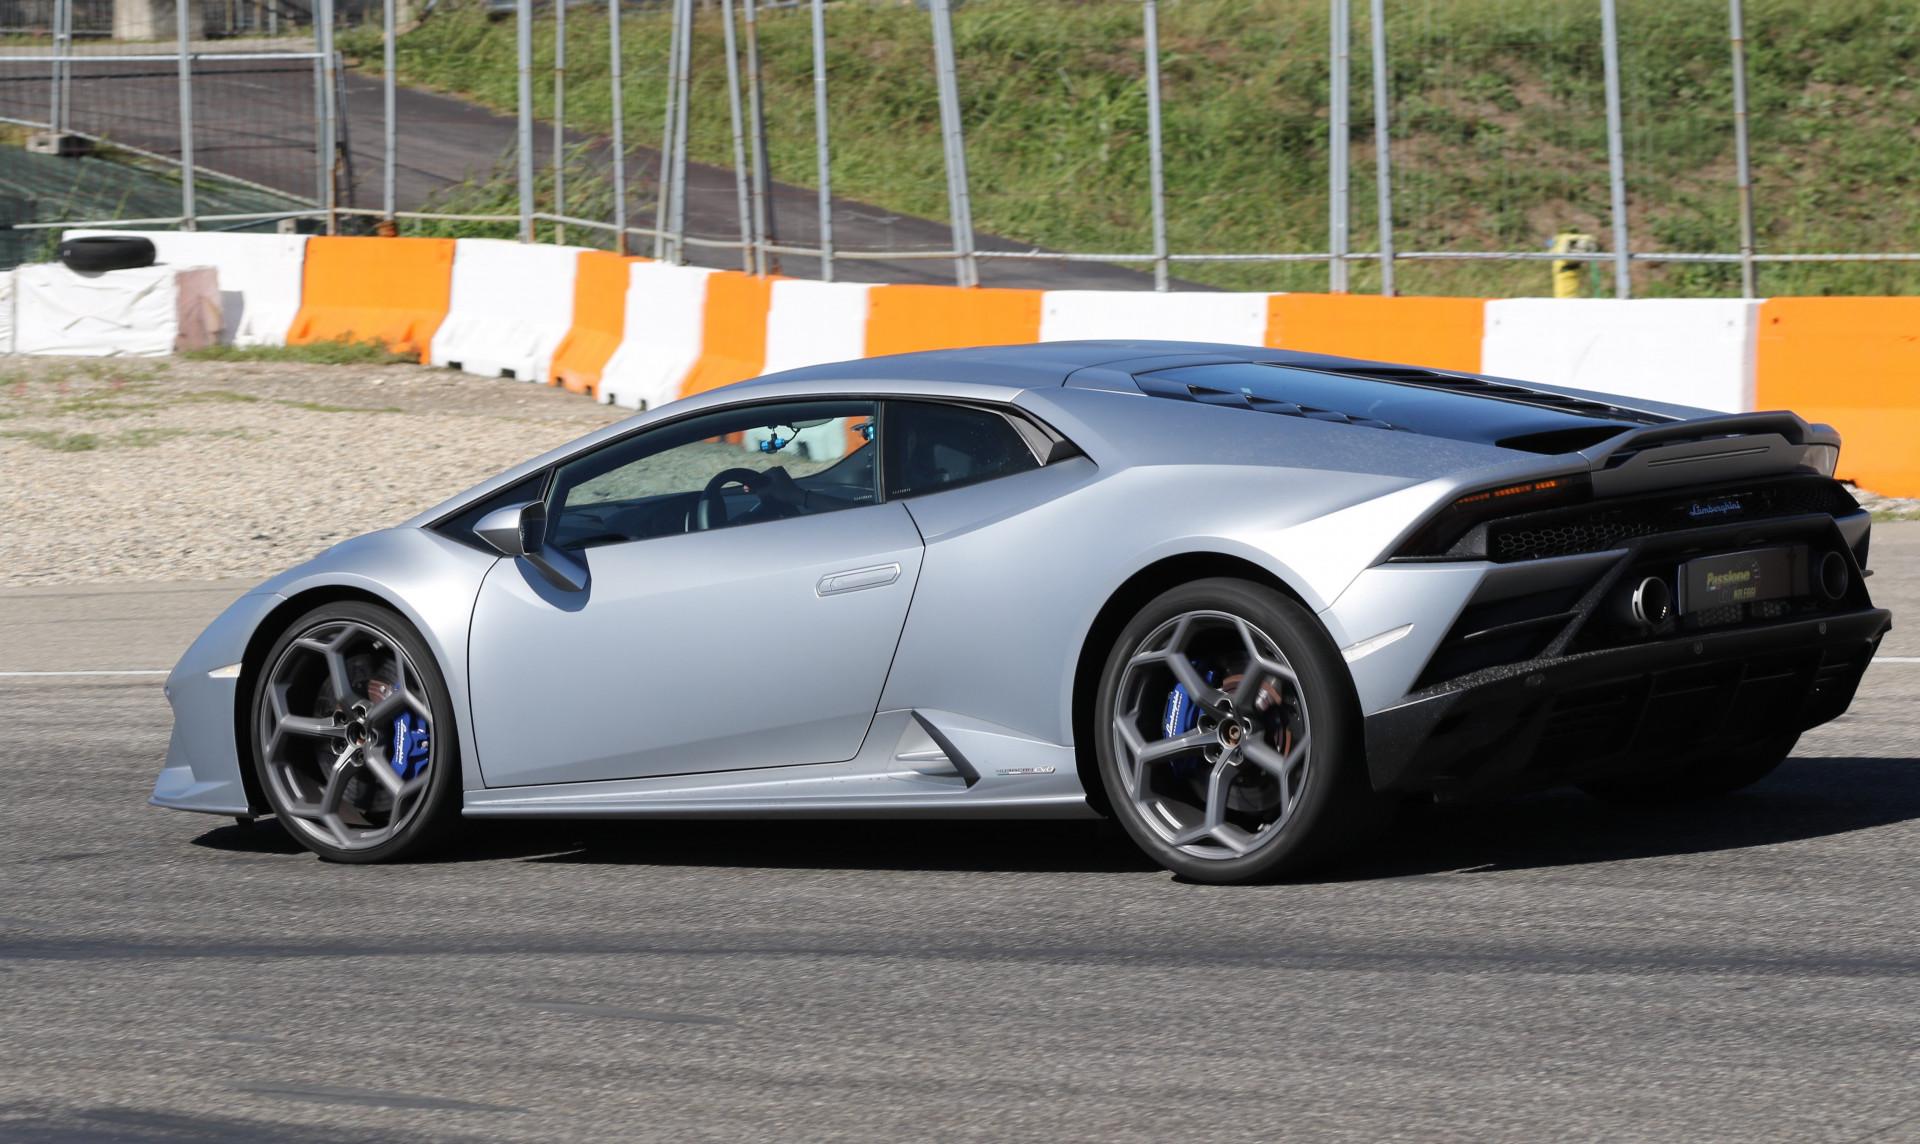 Guida sportiva in Lamborghini sul Circuito di Pomposa